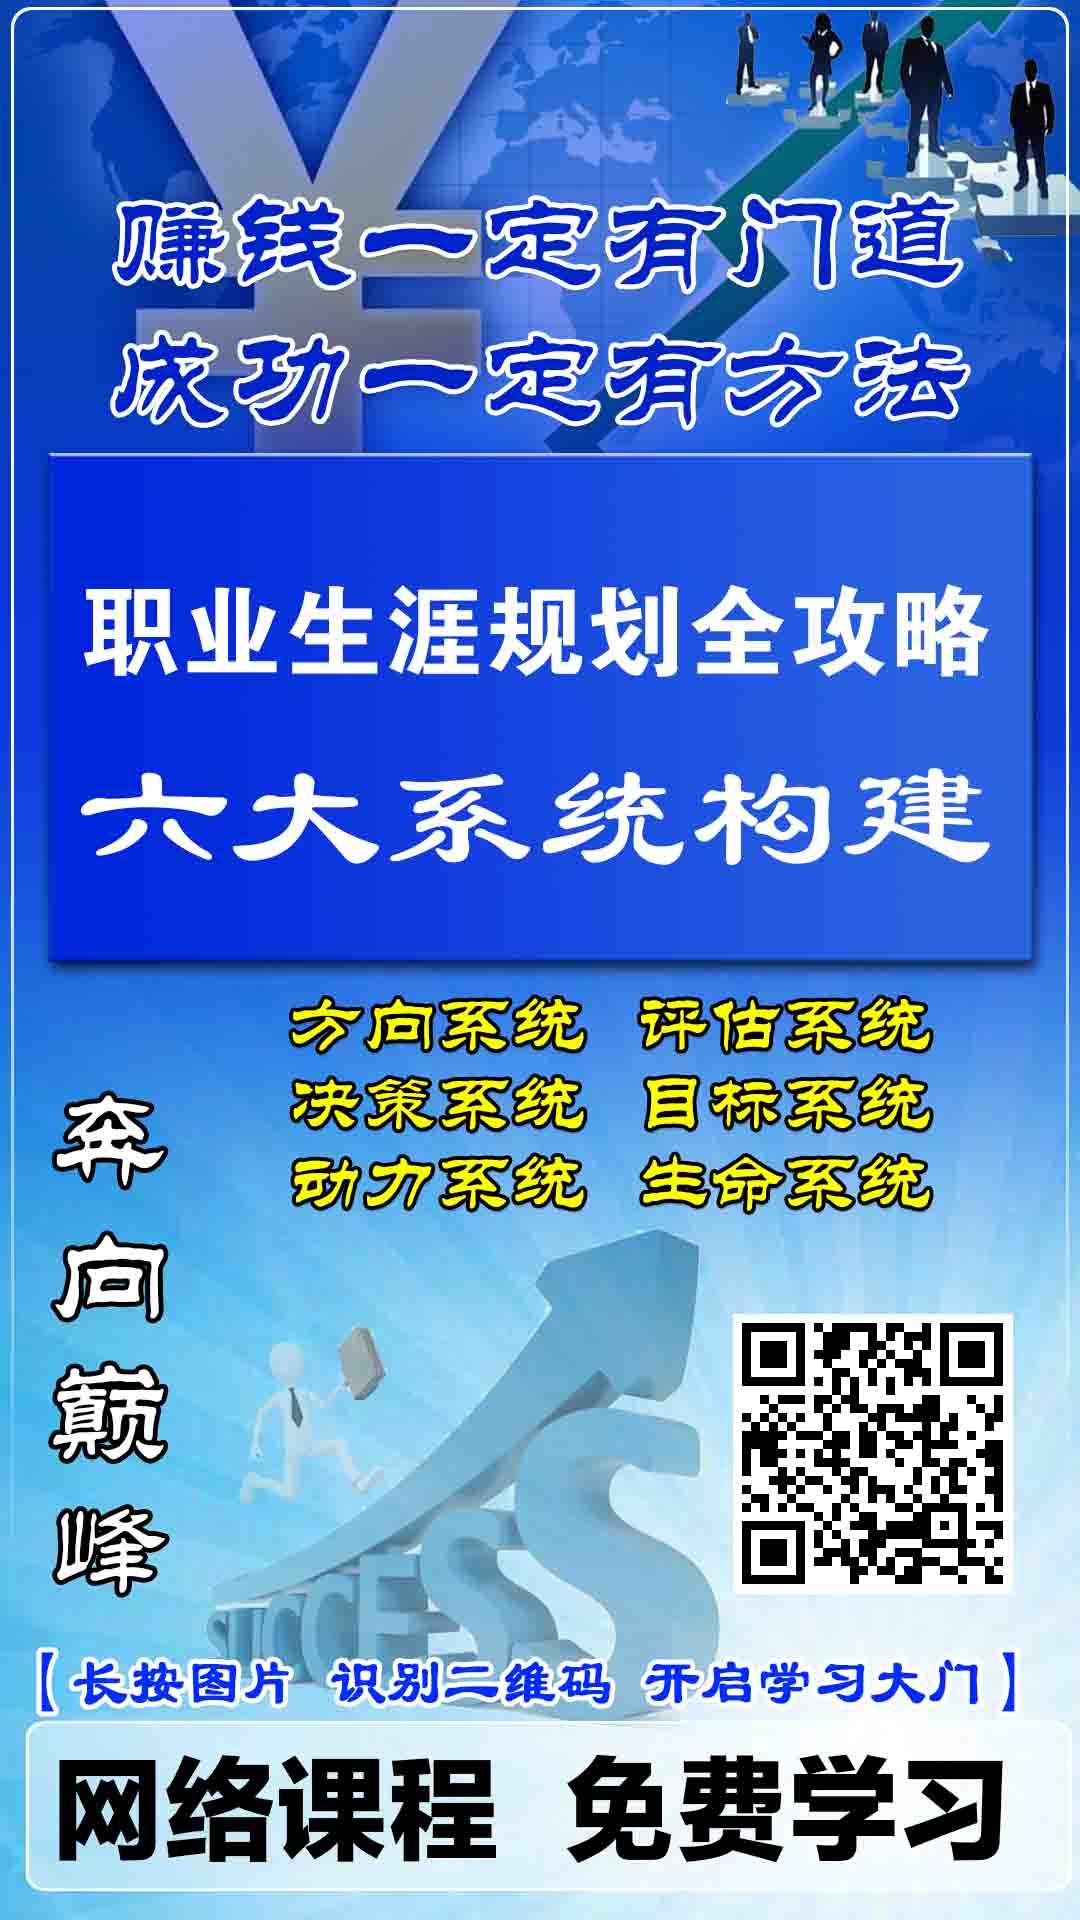 NO.BQBK001_【全集】《职业生涯规划全攻略-六大系统构建》